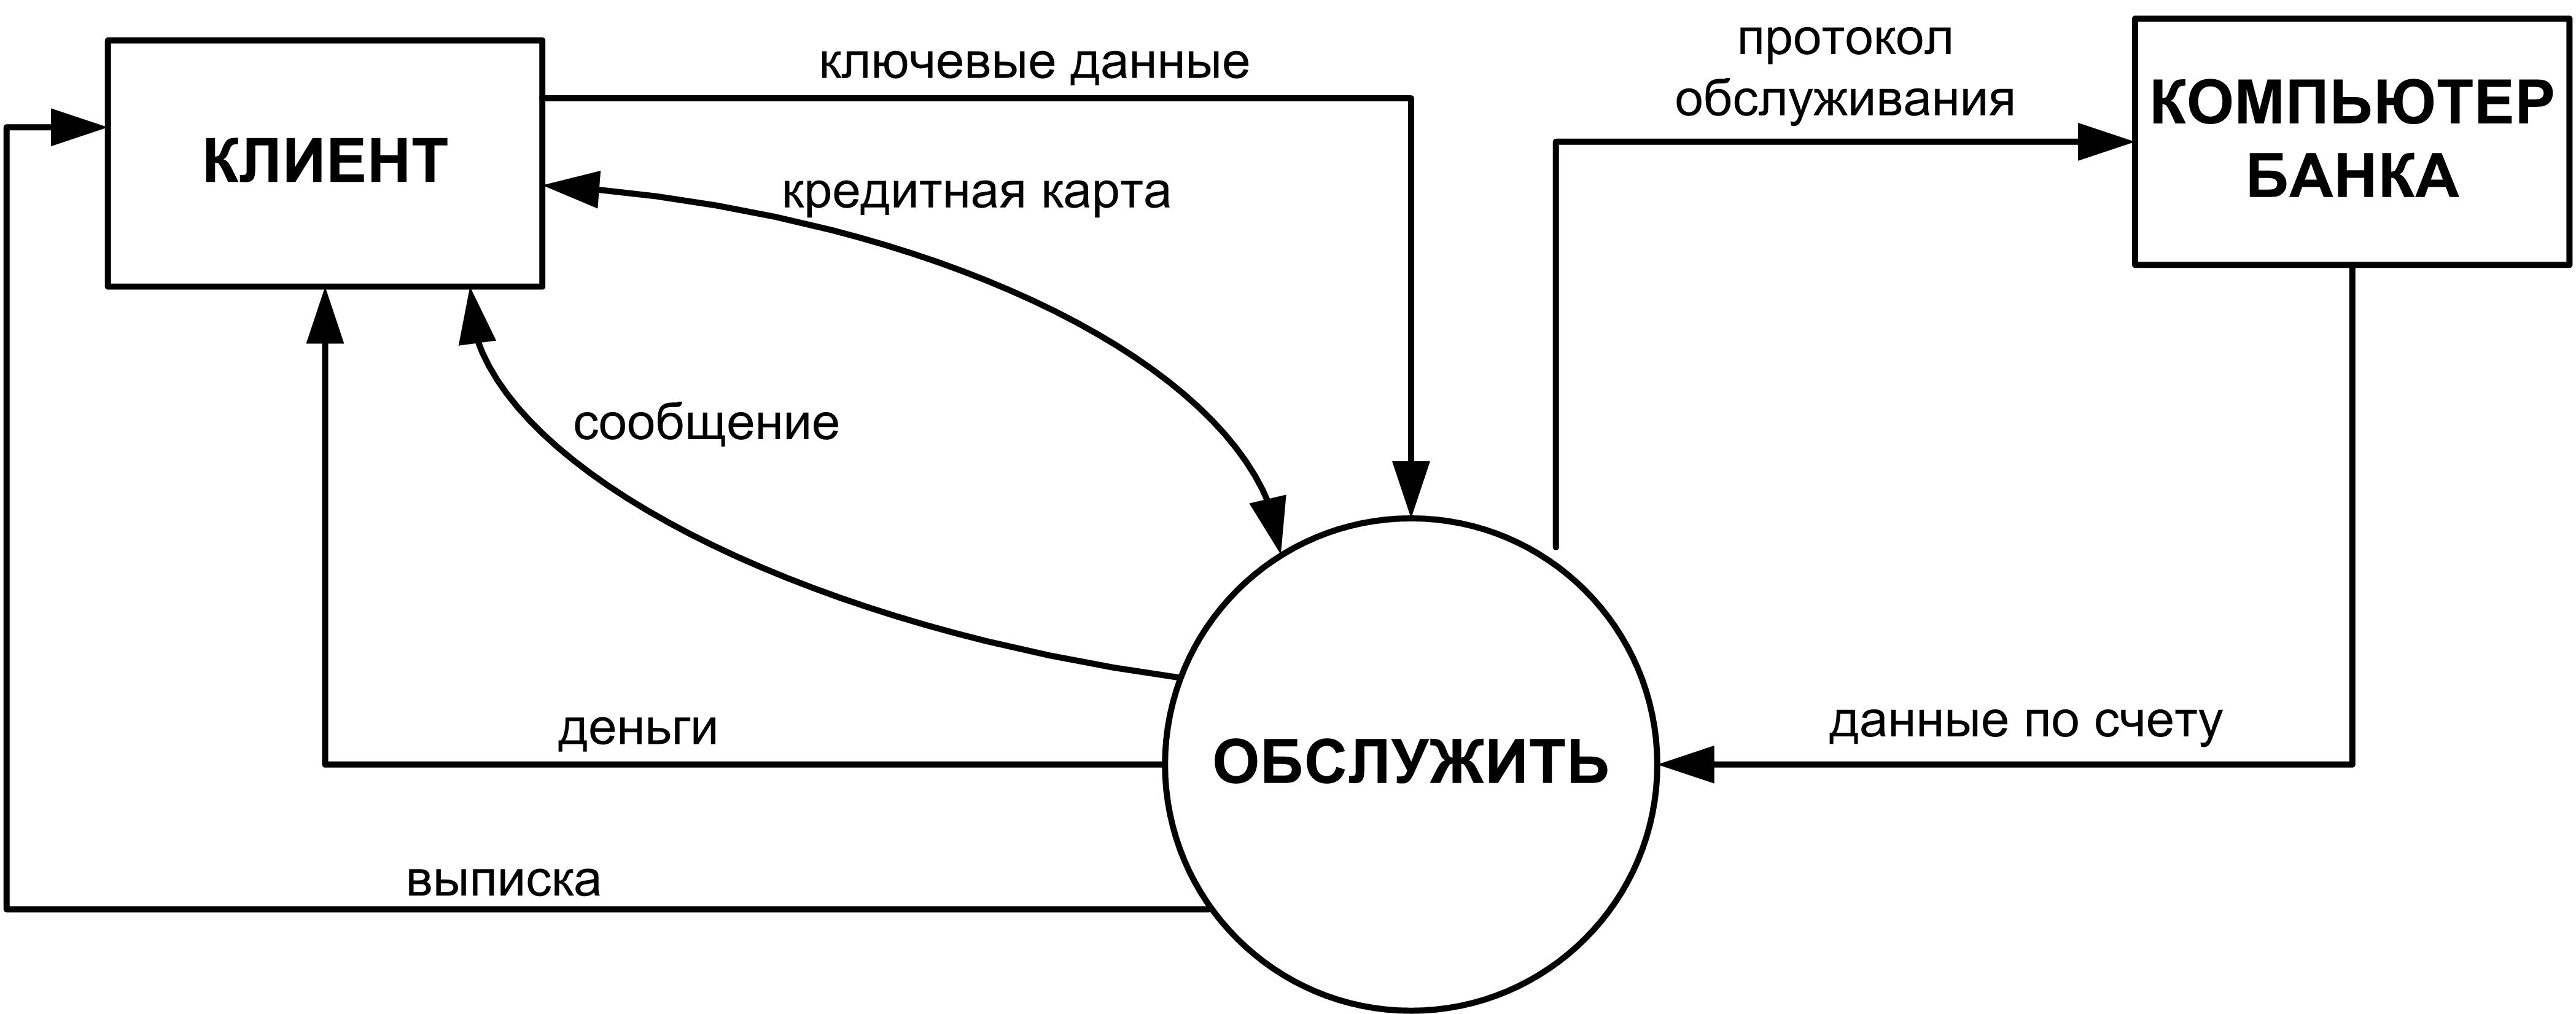 Контекстная диаграмма туристическая фирма личный менеджер в яндекс директ